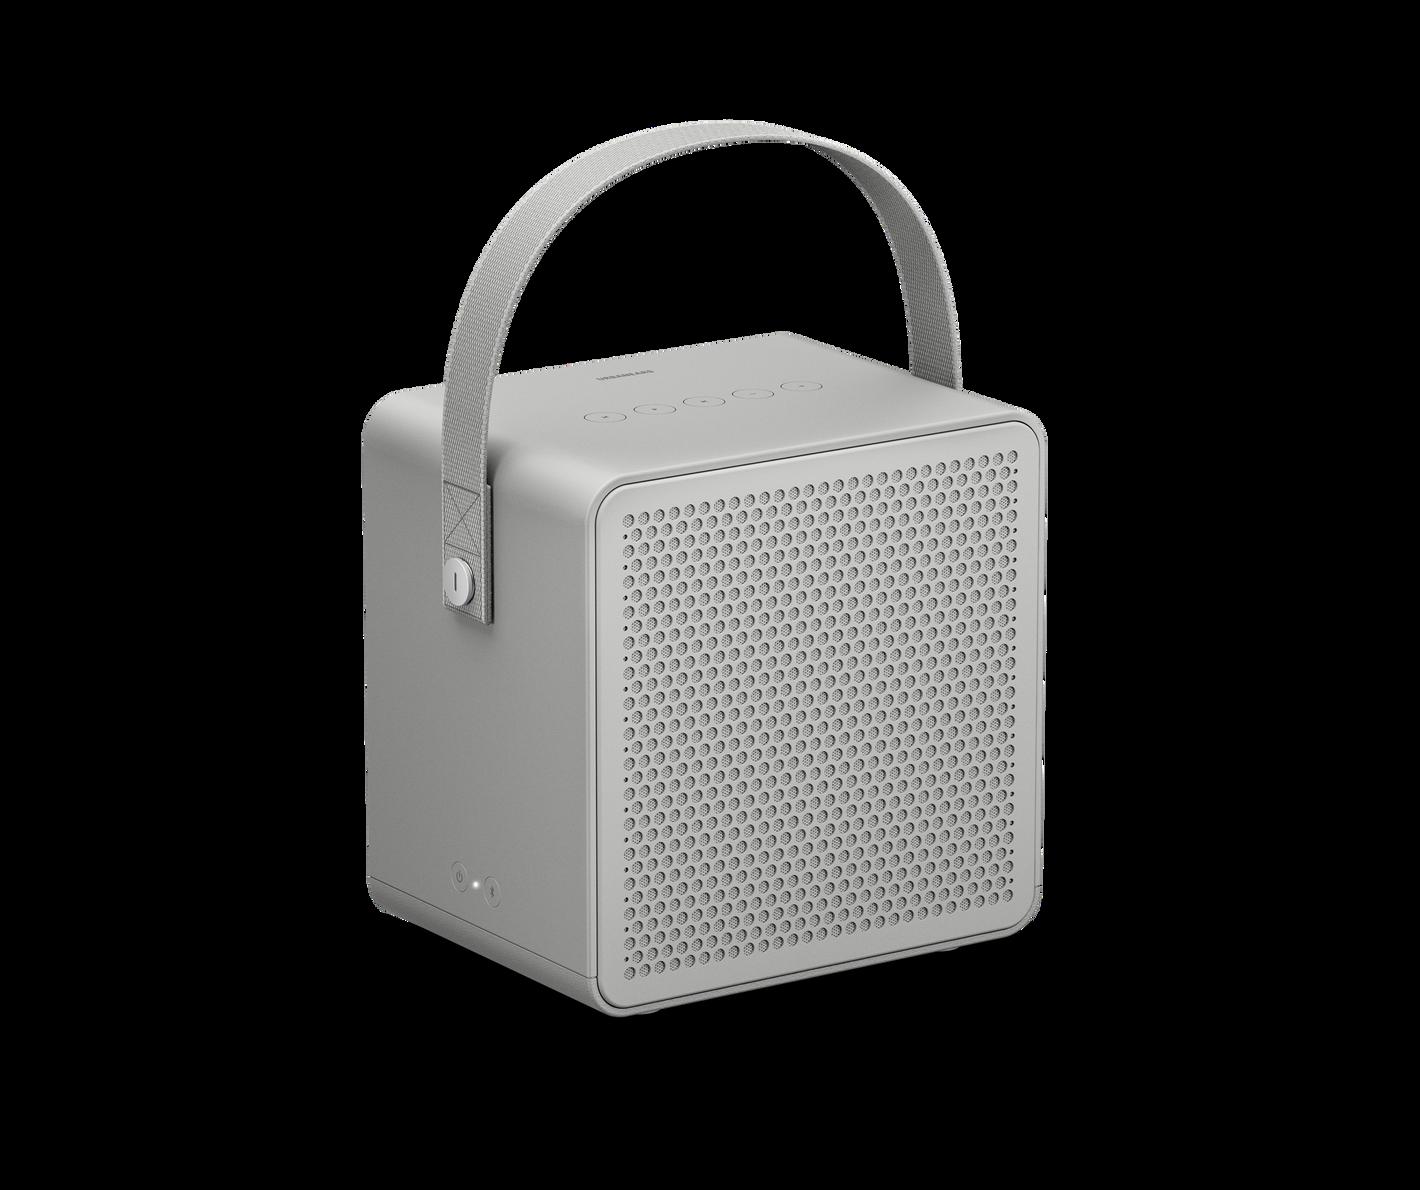 Urbanears Rålis Portable Speaker - Mist Gray